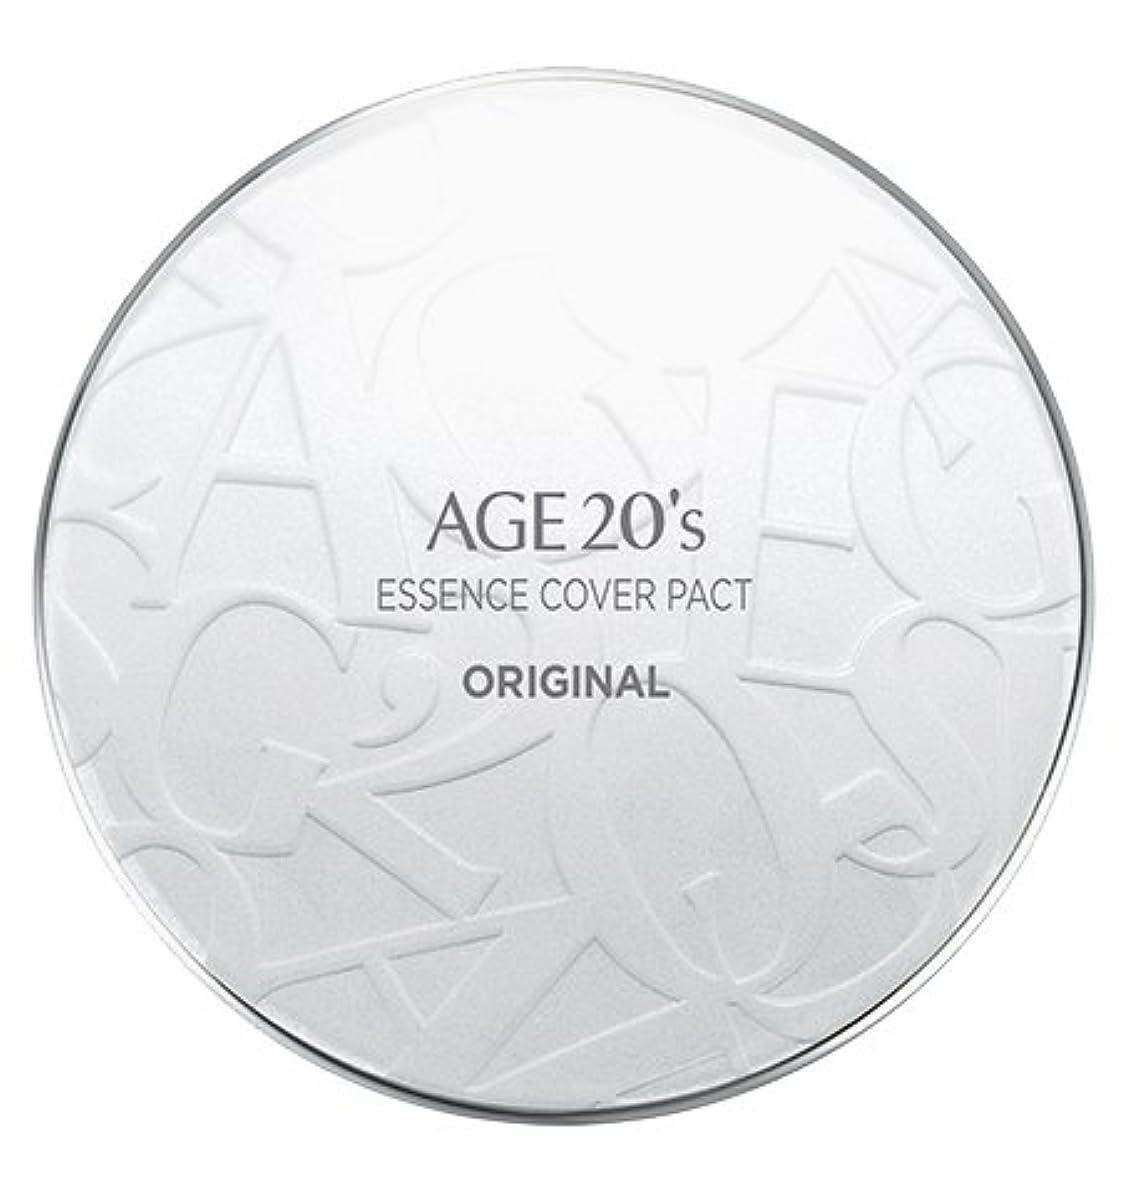 宮殿出力食料品店AGE 20's Essence Cover Pact Original [White Latte] 12.5g + Refill 12.5g (#21)/エイジ 20's エッセンス カバー パクト オリジナル [ホワイトラテ...